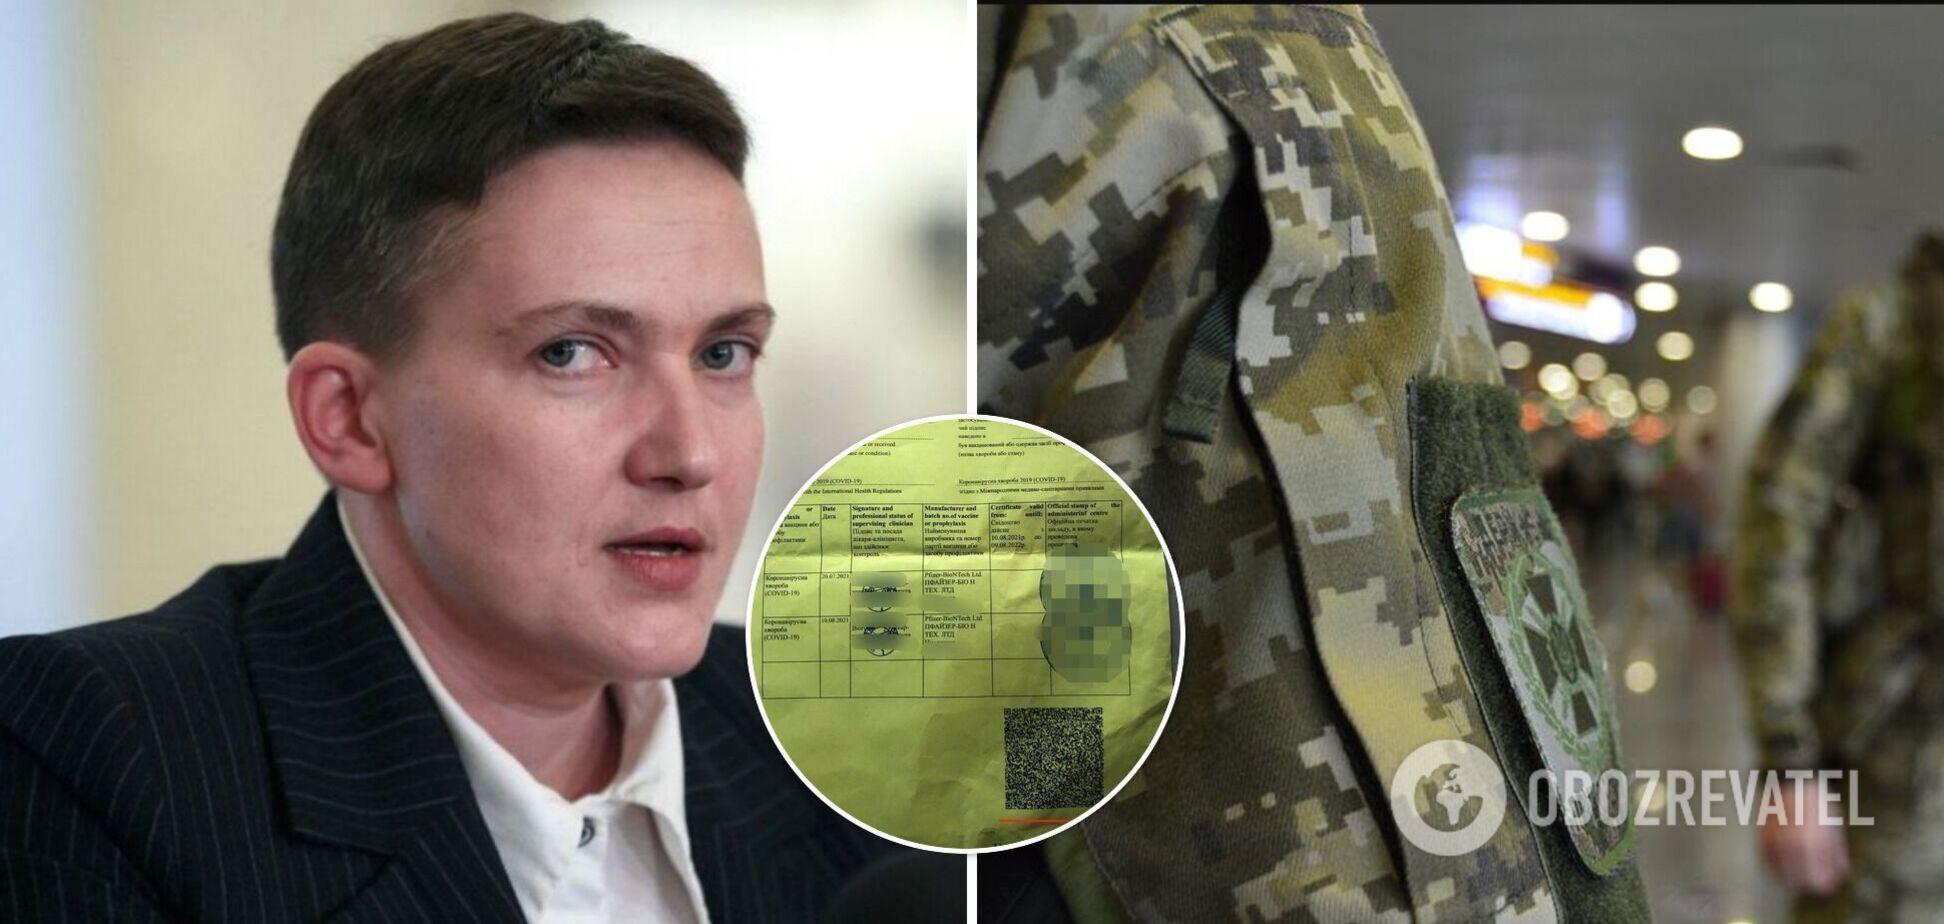 Скандалу не буде: Савченко відхрестилася від покупки підроблених COVID-сертифікатів. Відео